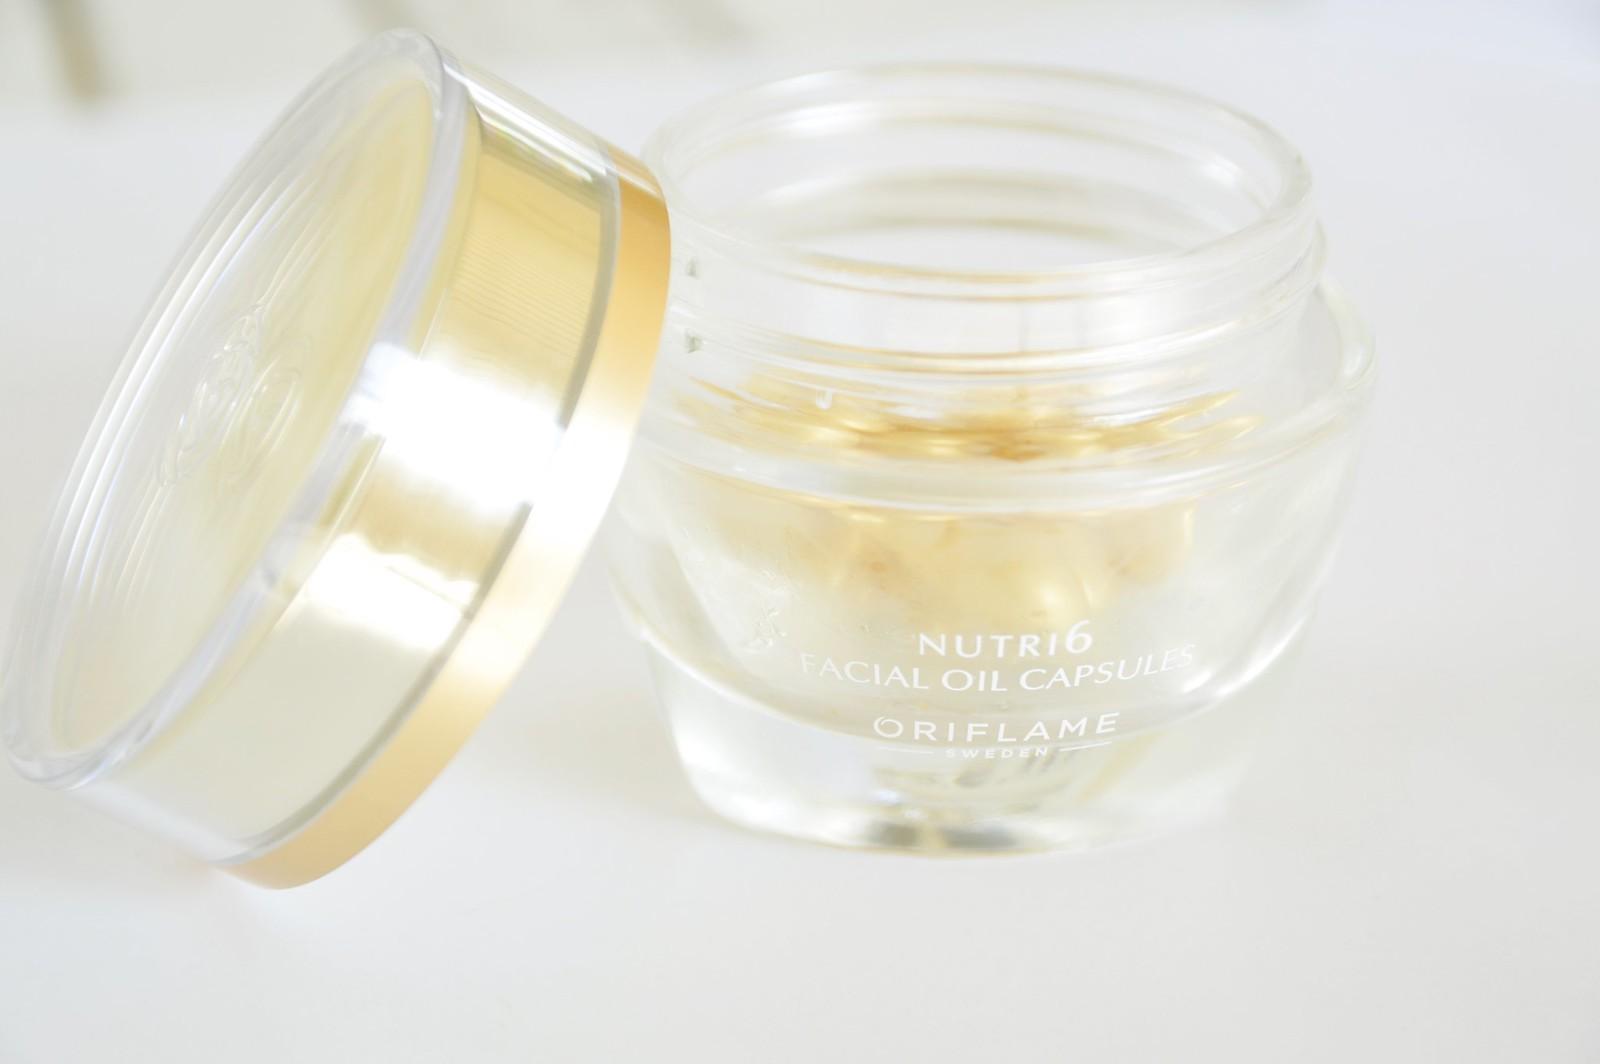 Oriflame NovAge NUTRI6 Facial Oil Capsules